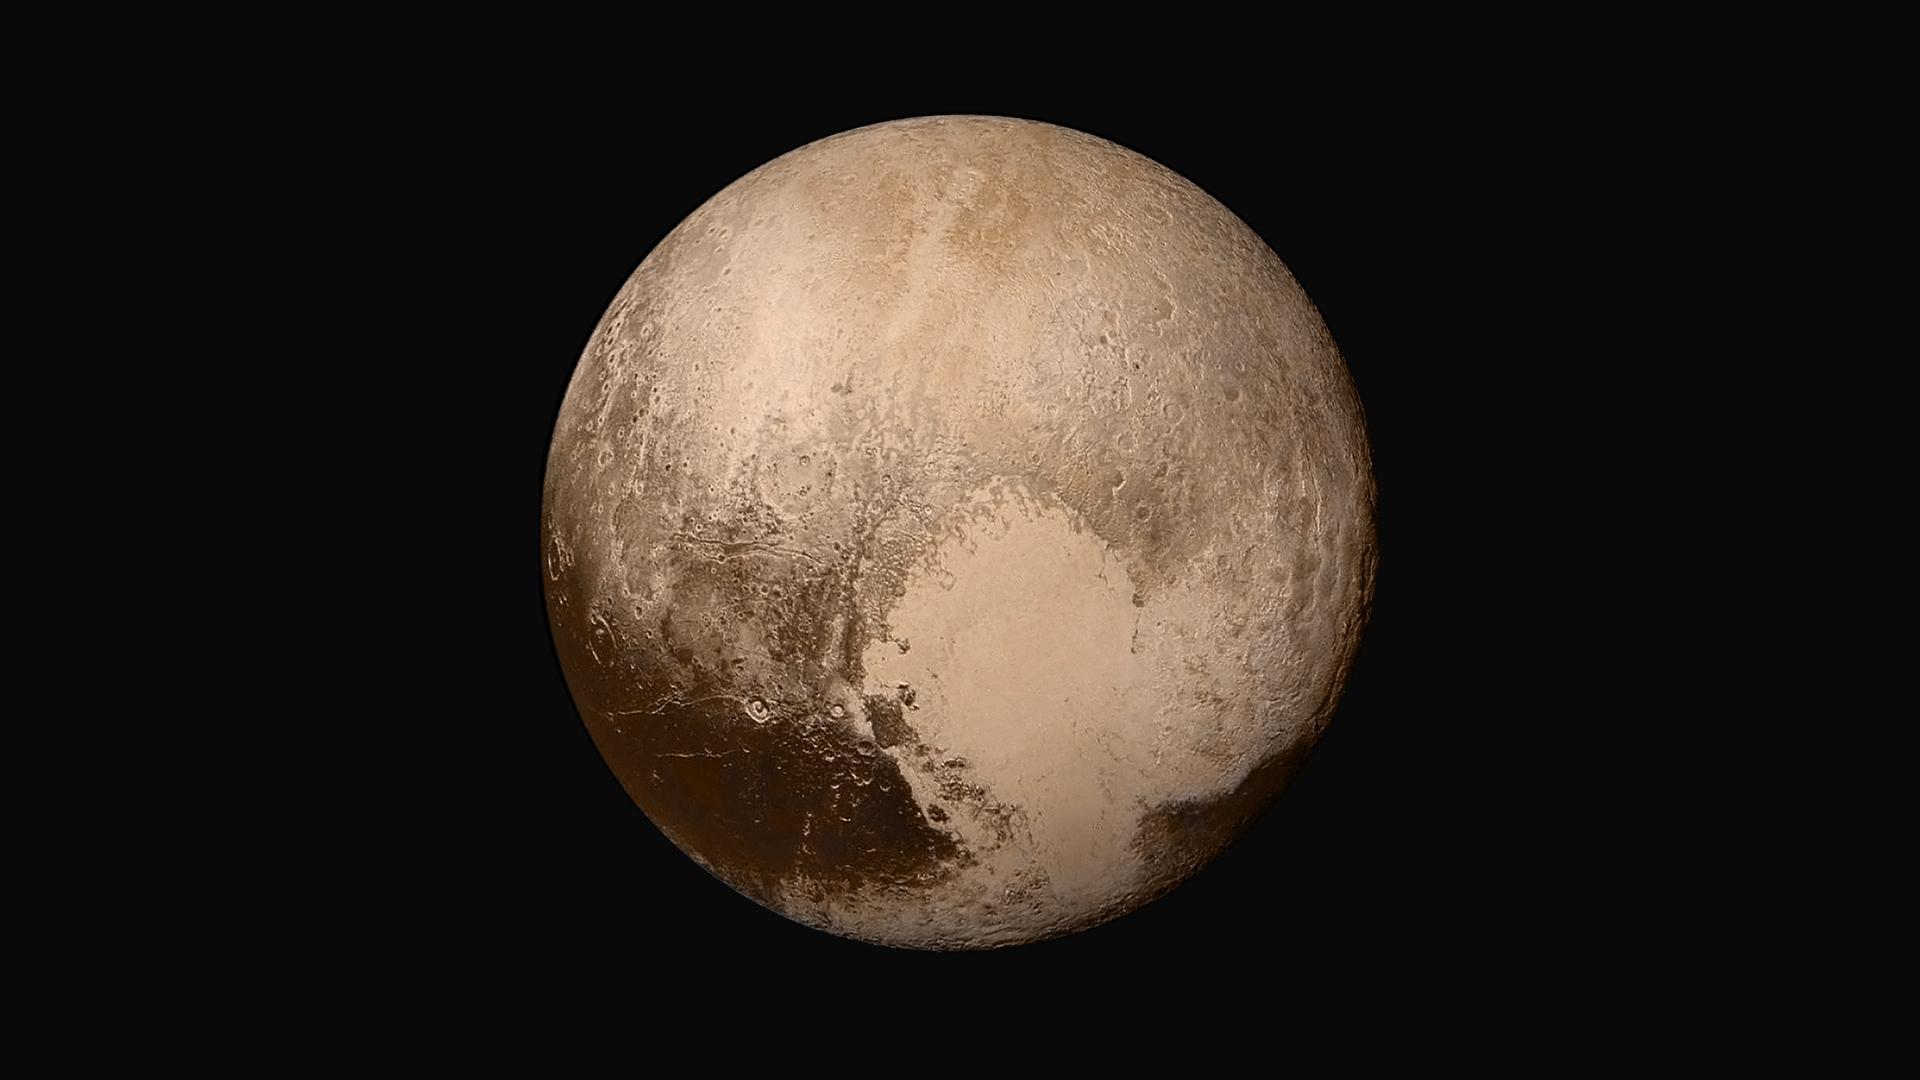 A true-color image of Pluto